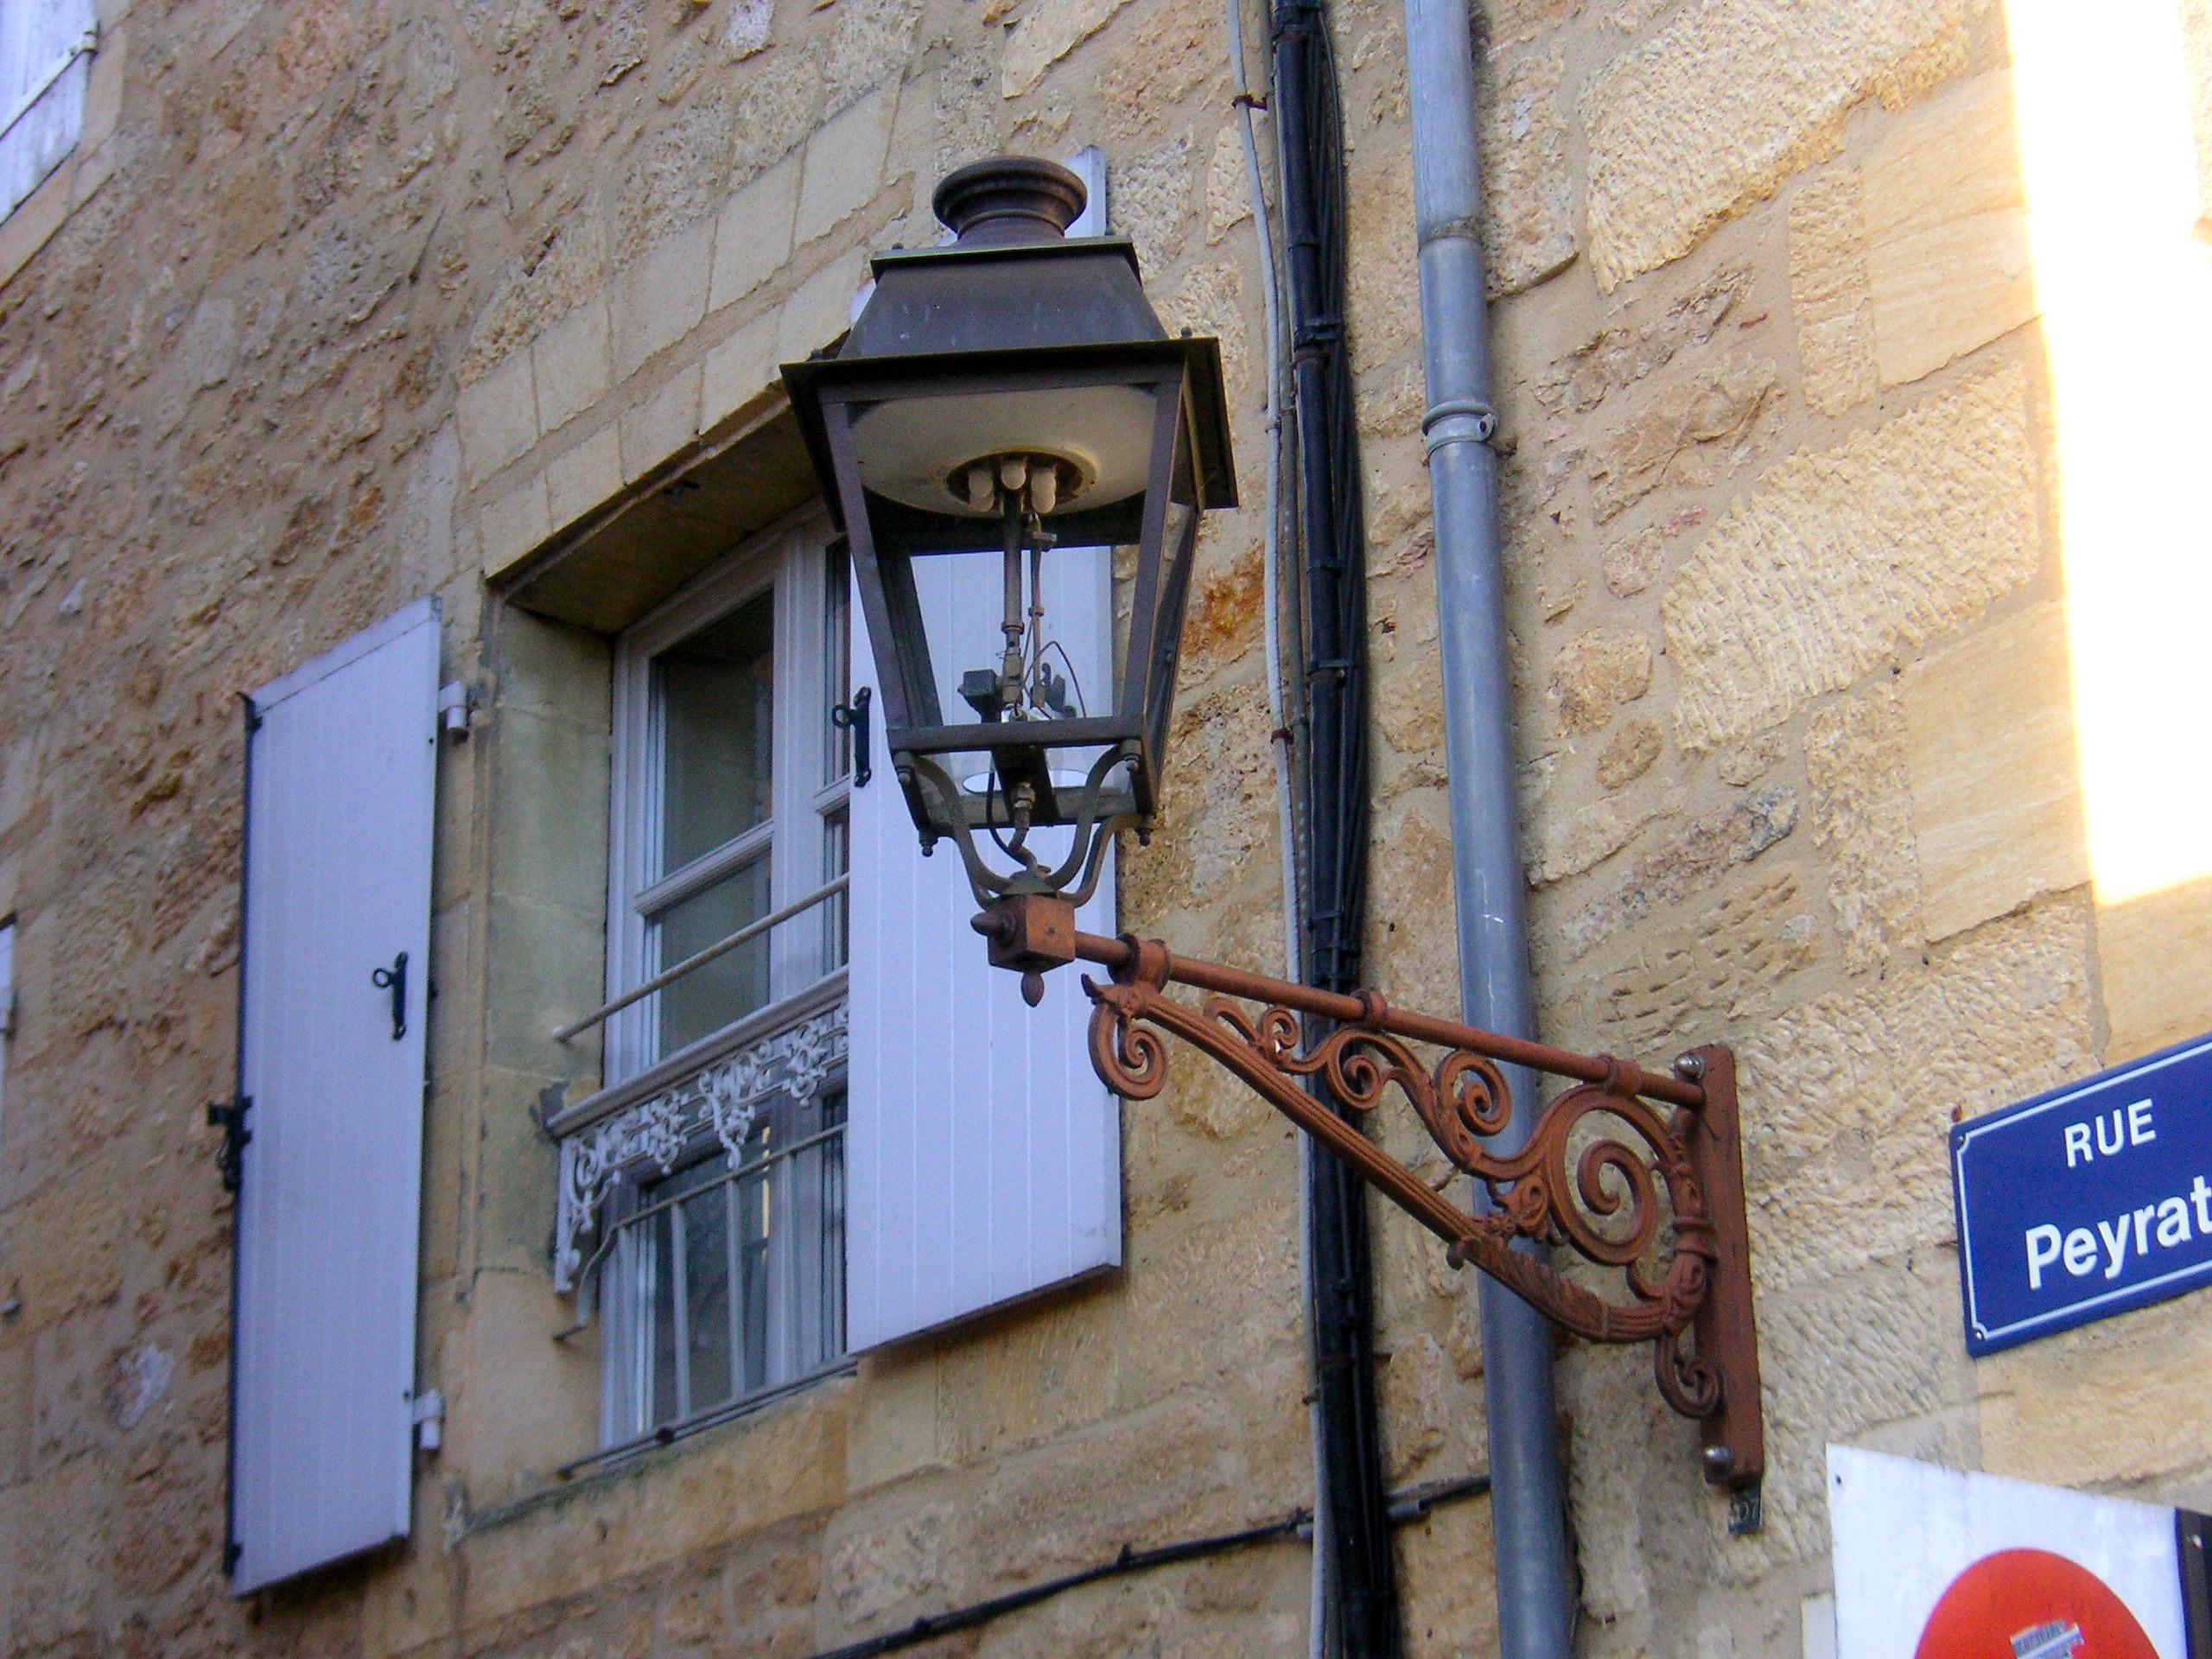 무료 이미지 : 빛, 건축물, 목재, 도로, 포도 수확, 창문, 벽, 기호 ...